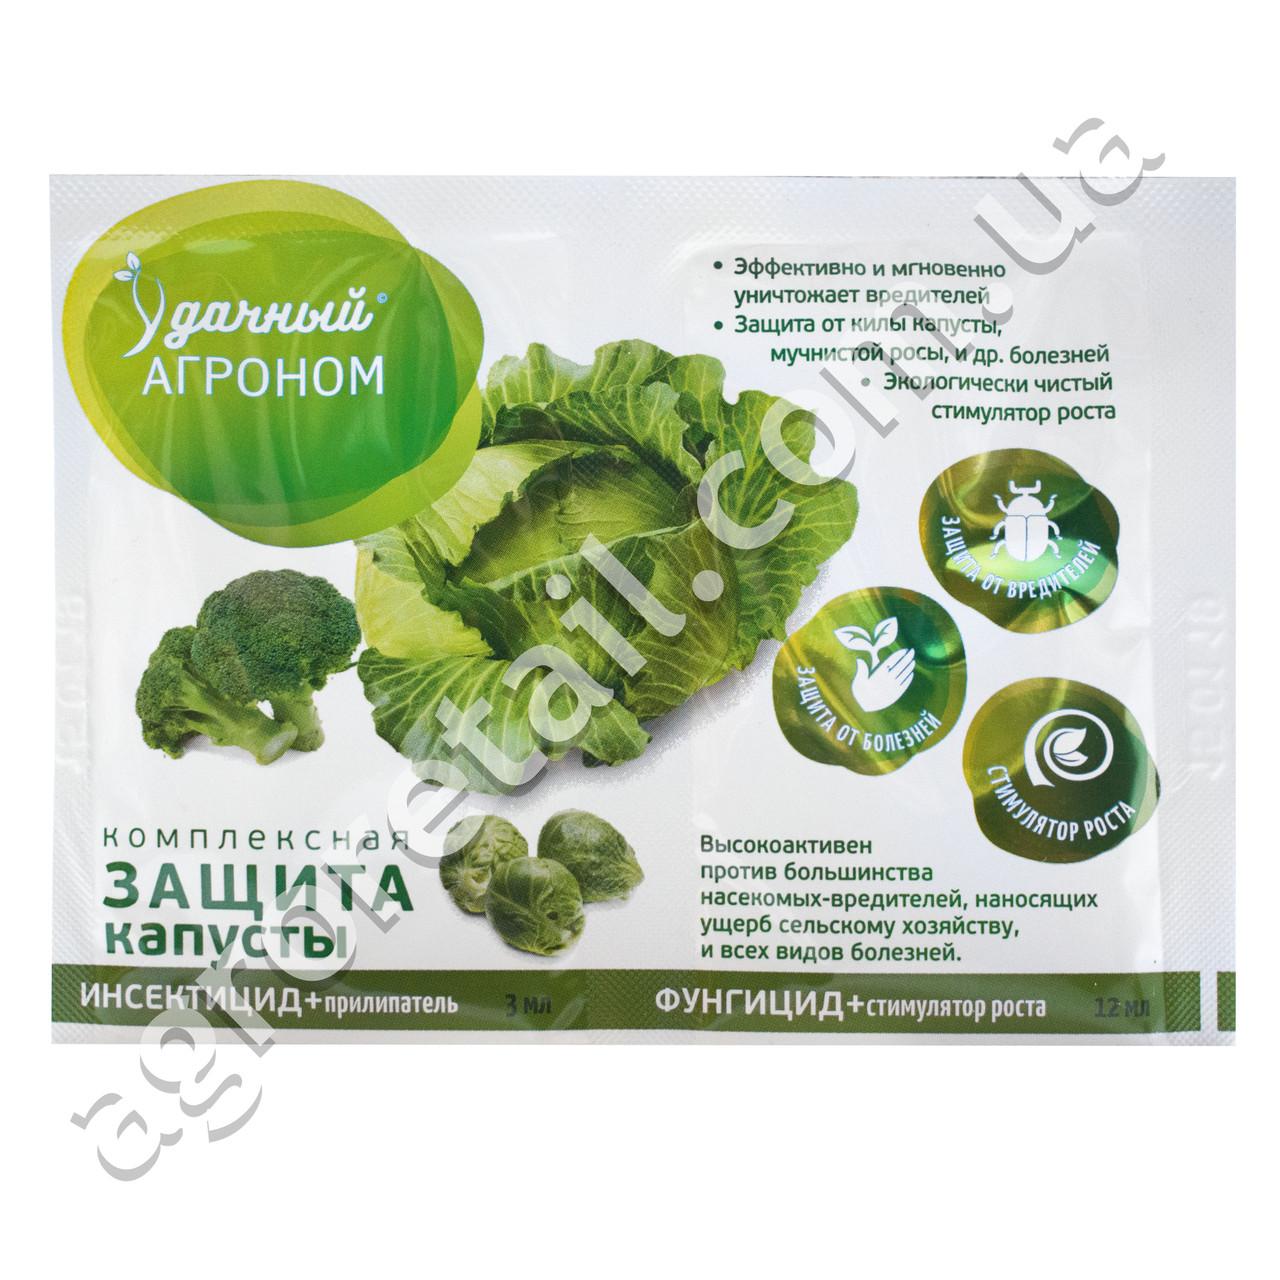 Удачный агроном Защита капусты 3 мл + 12 мл